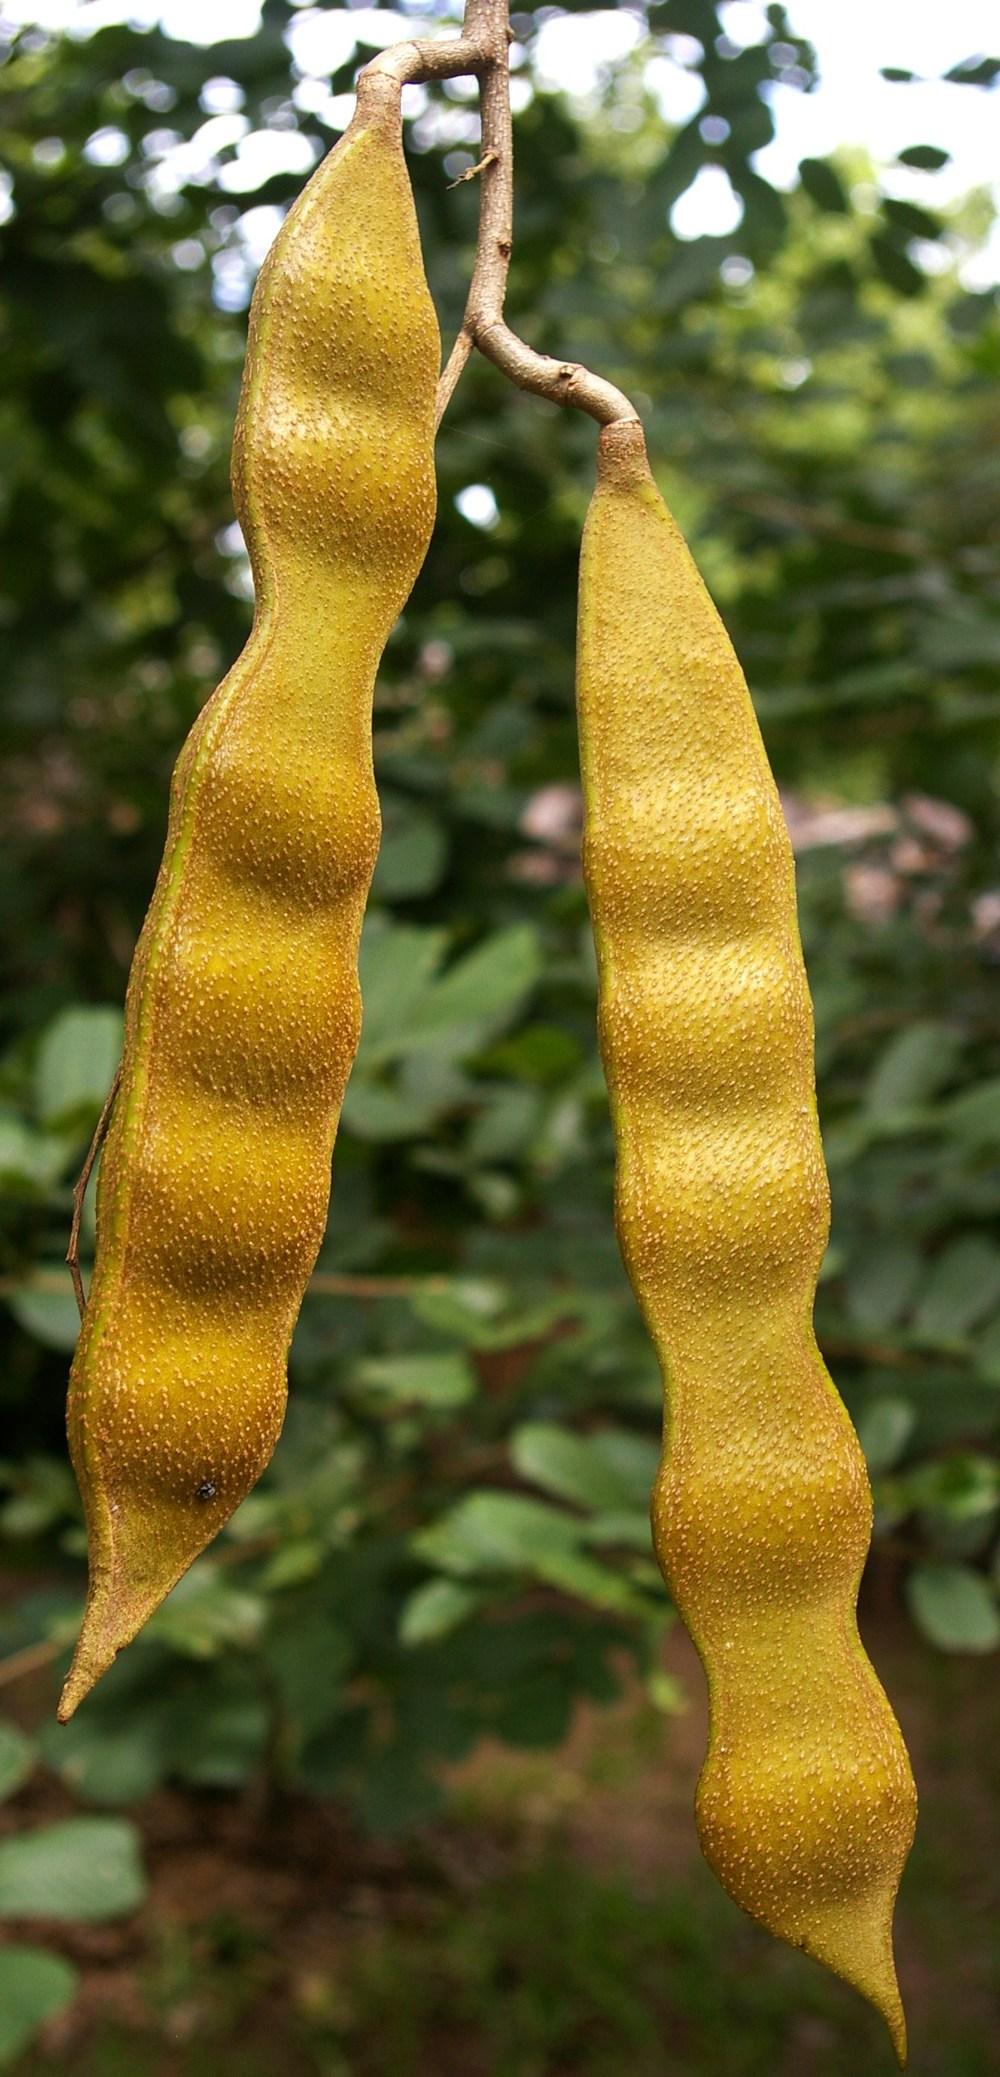 Panga Panga seedpods